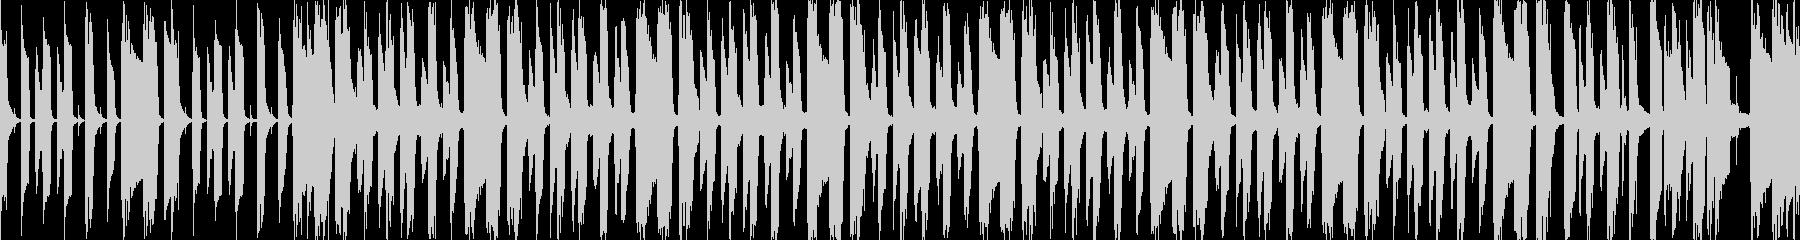 汎用BGM/ギャグ(LOOP対応)の未再生の波形